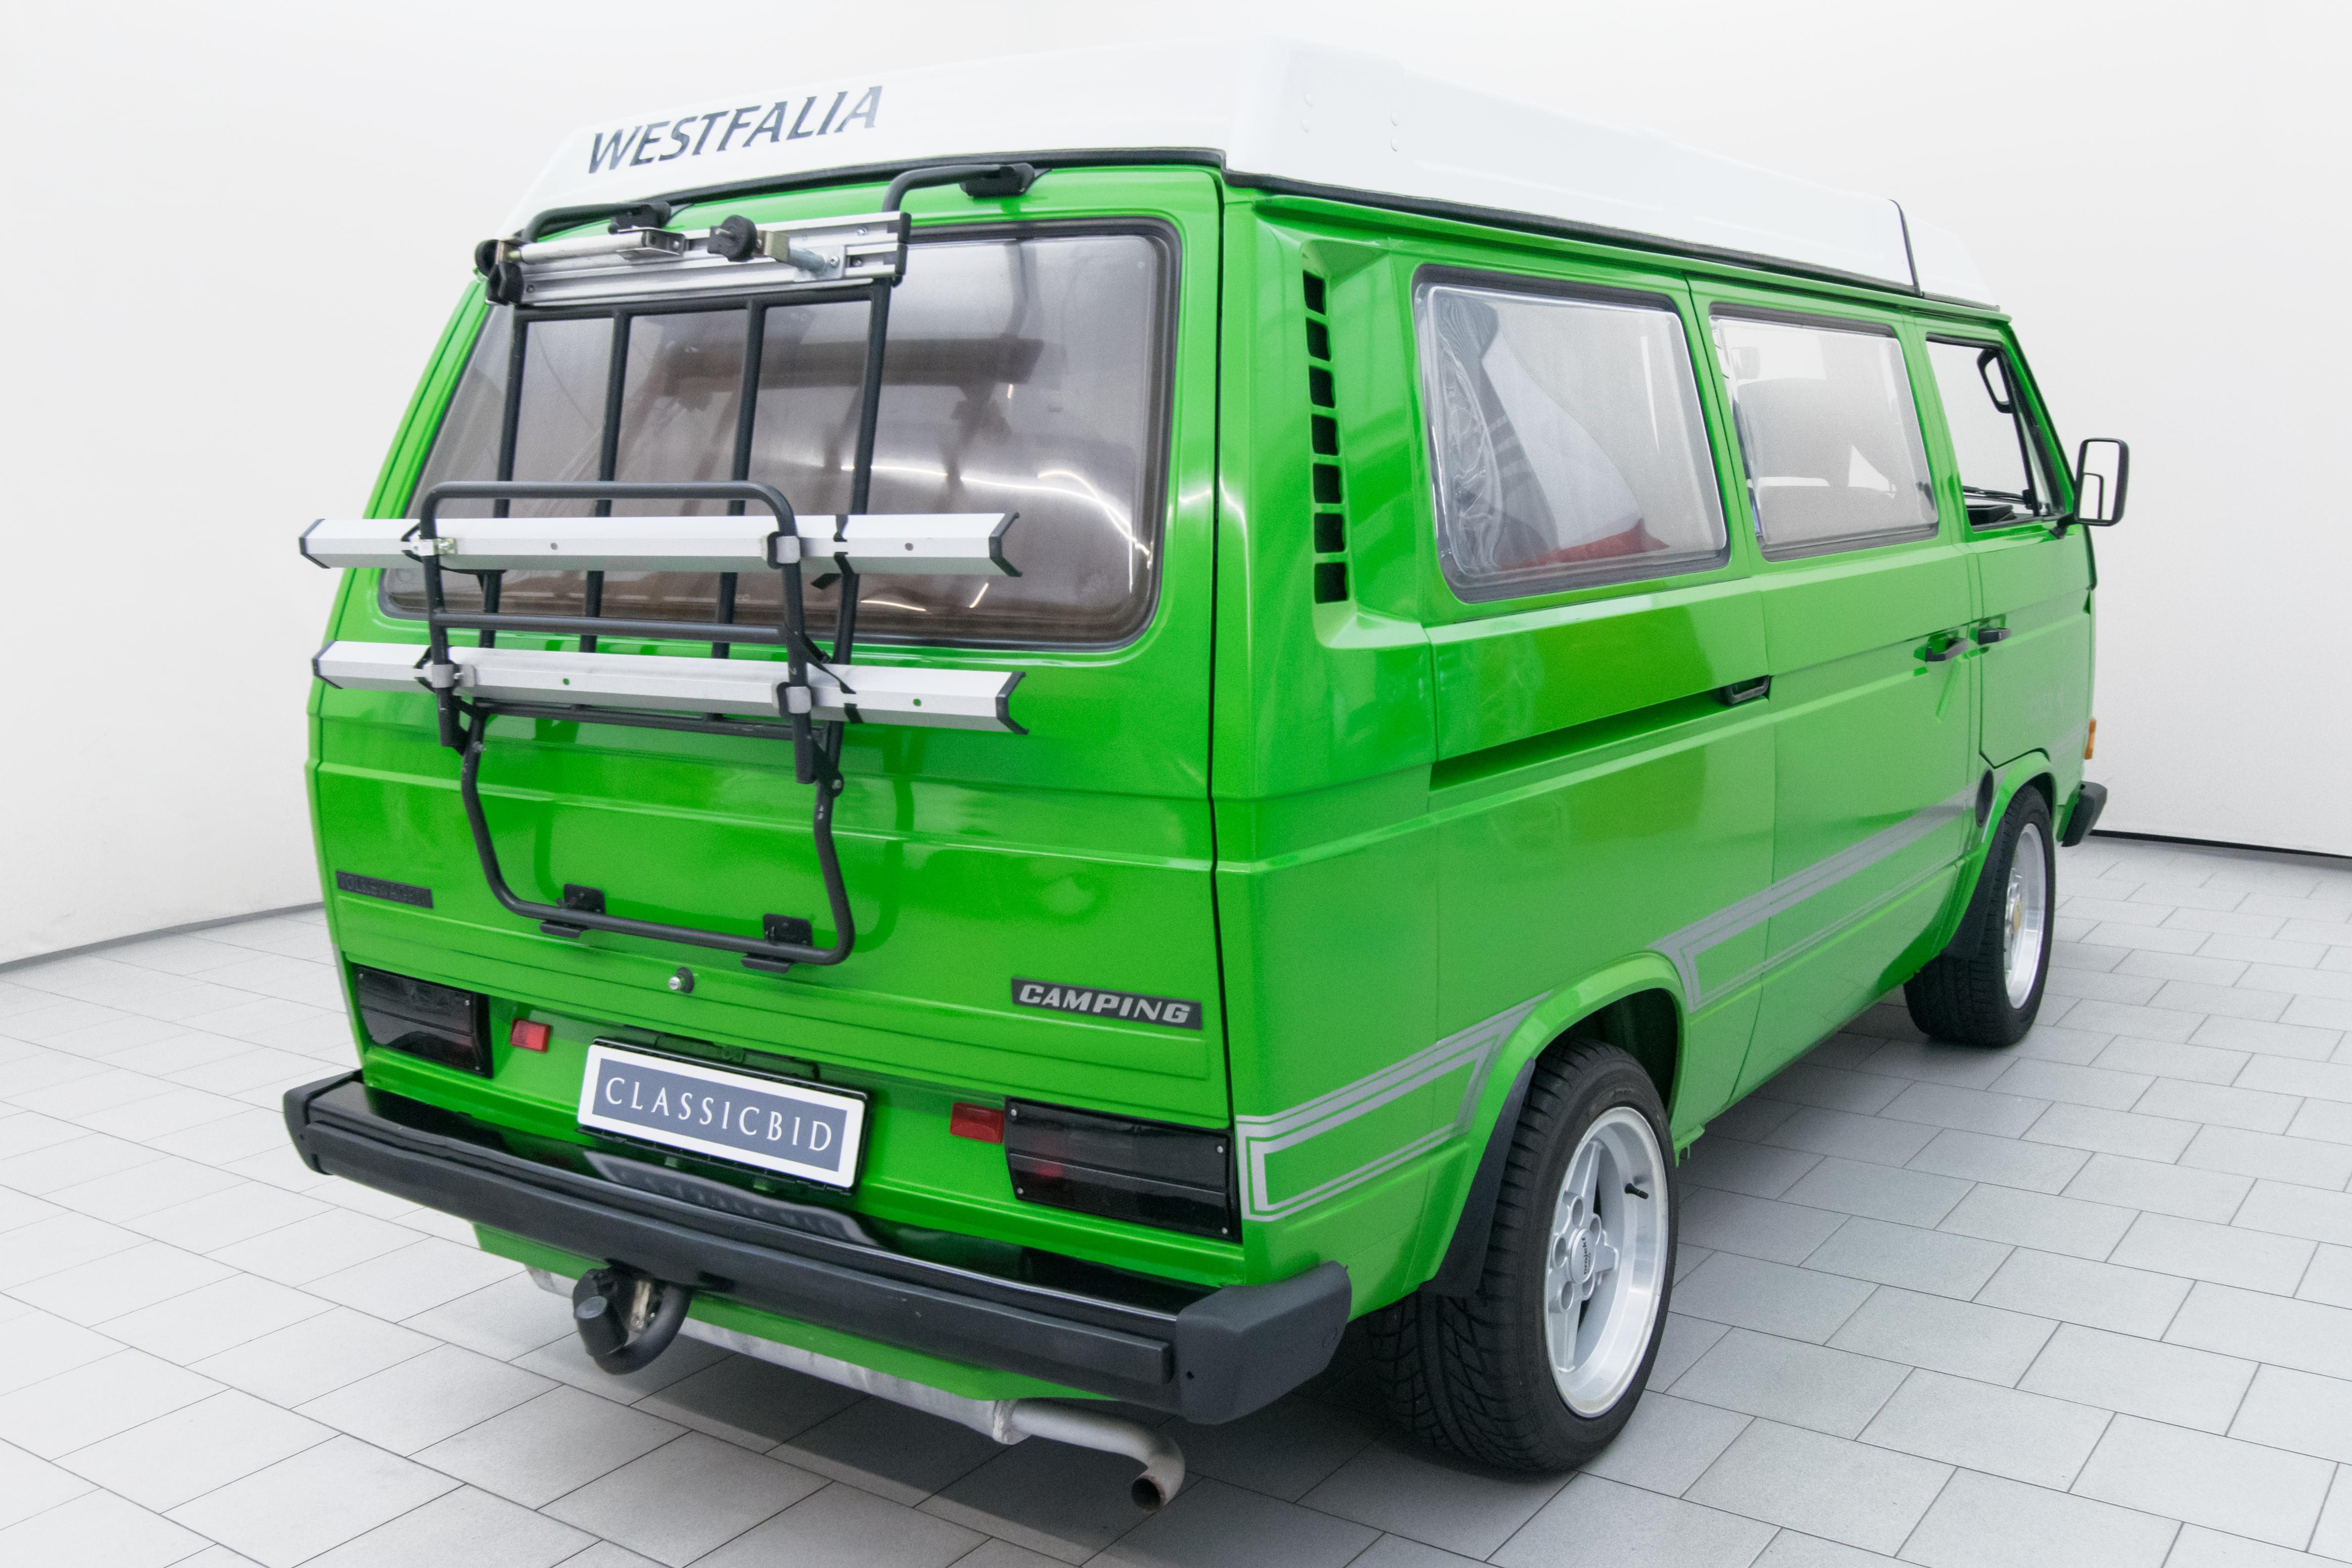 Volkswagen T3 Westfalia | Classicbid